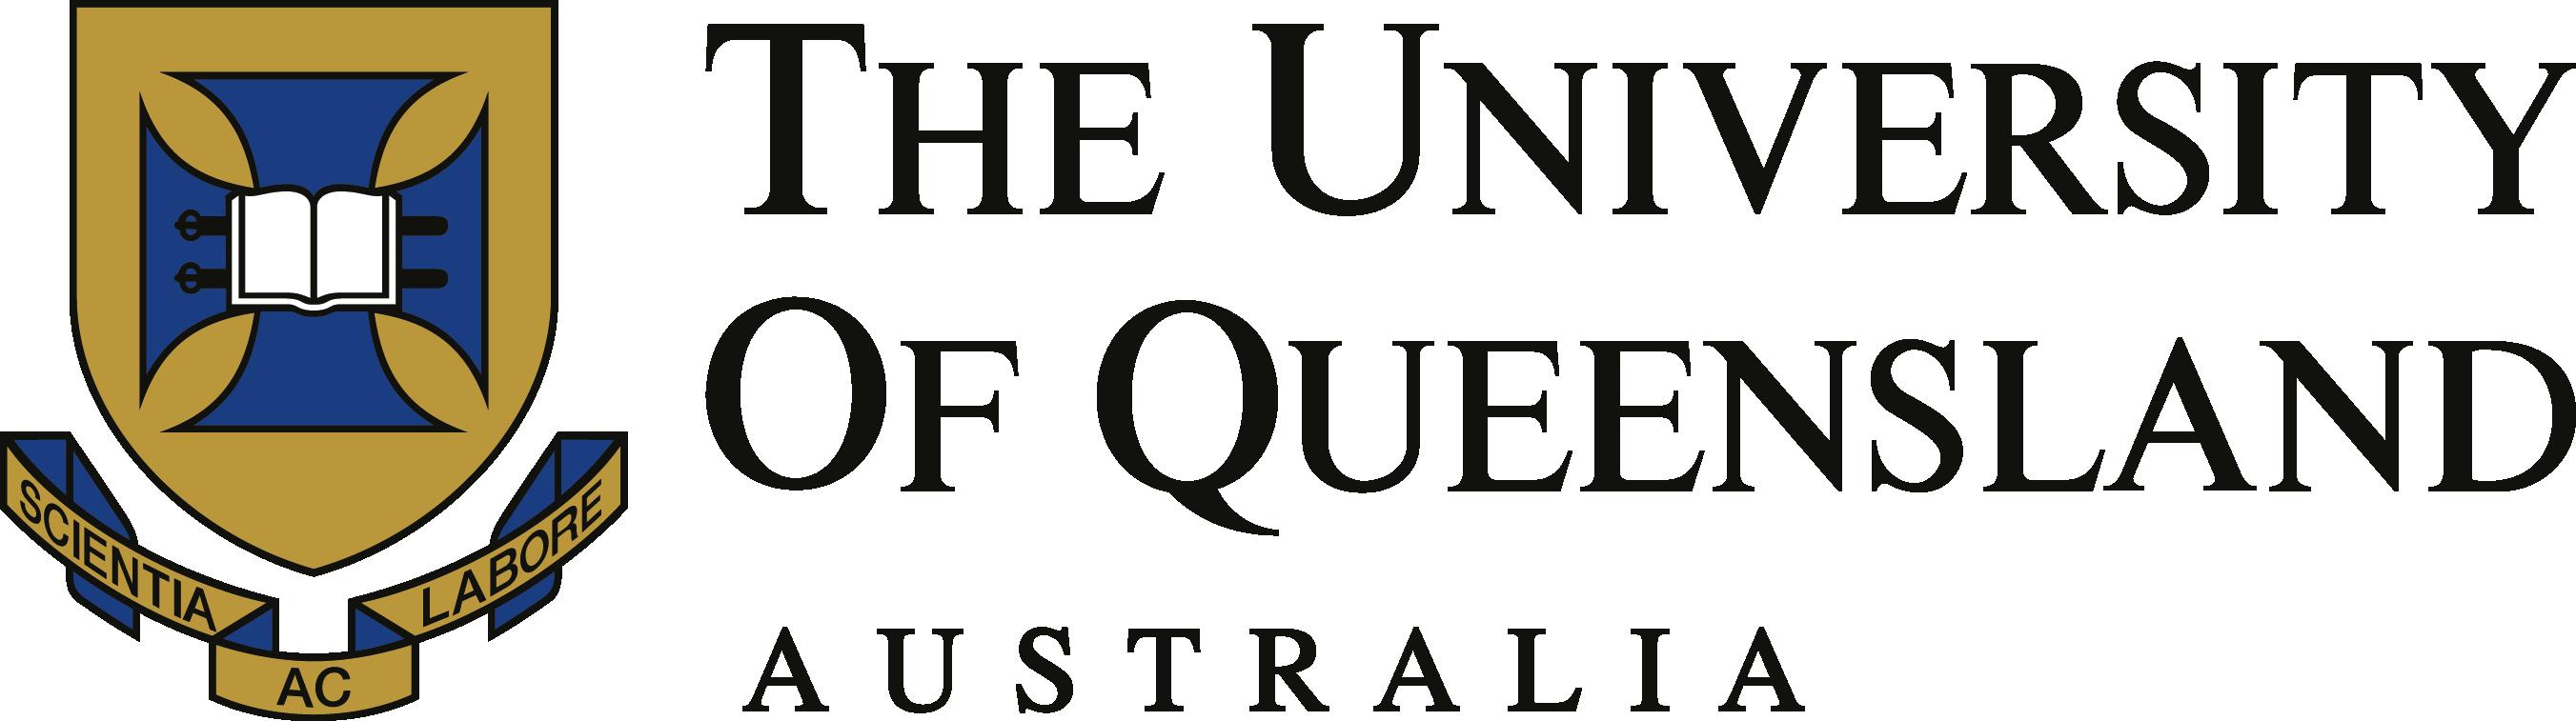 warp it benefits queensland university